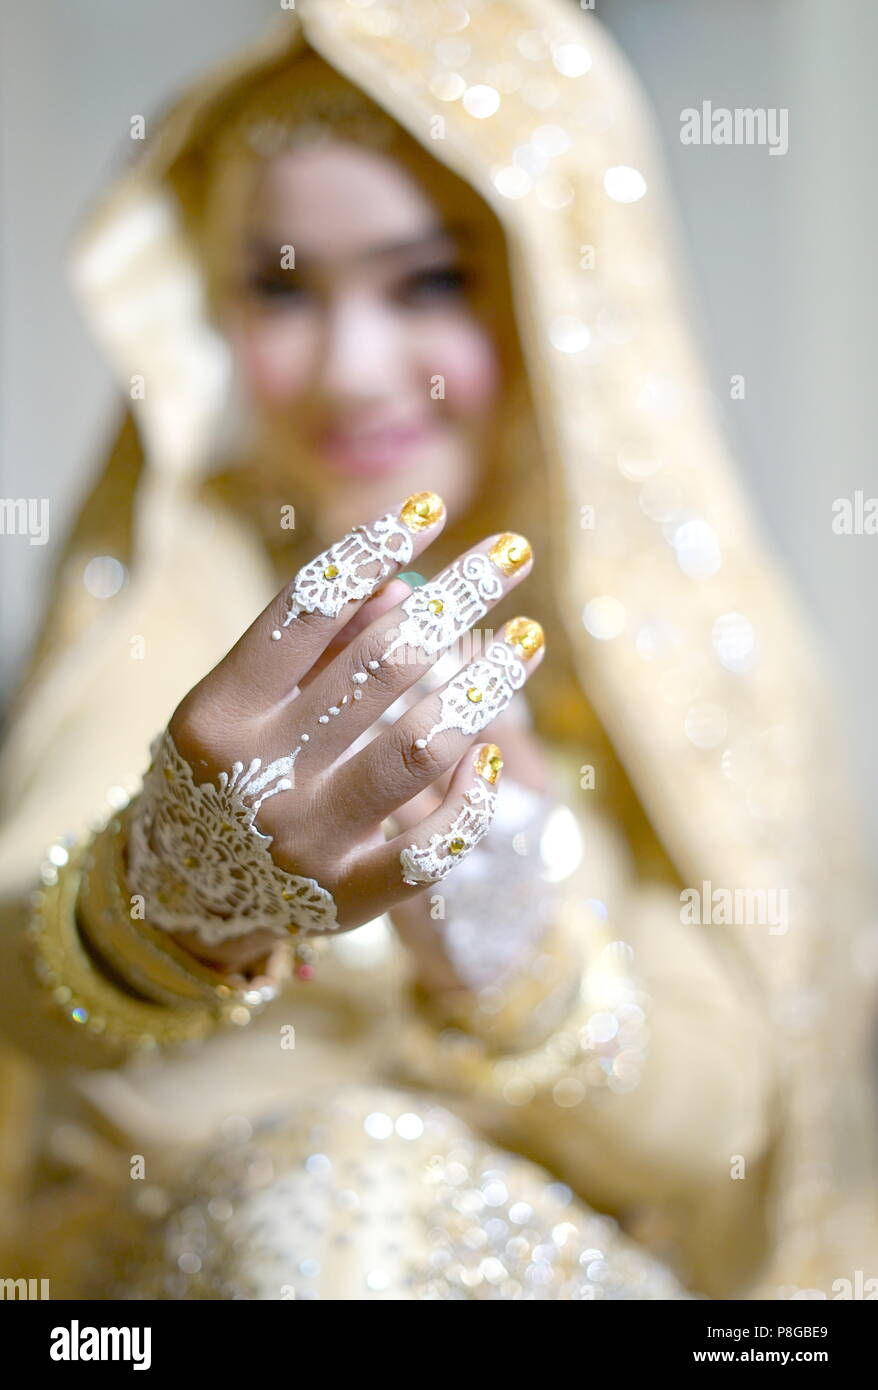 Bella Sposa le mani con Henna Tattoo, indonesiano matrimonio cerimonia di tradizione Immagini Stock